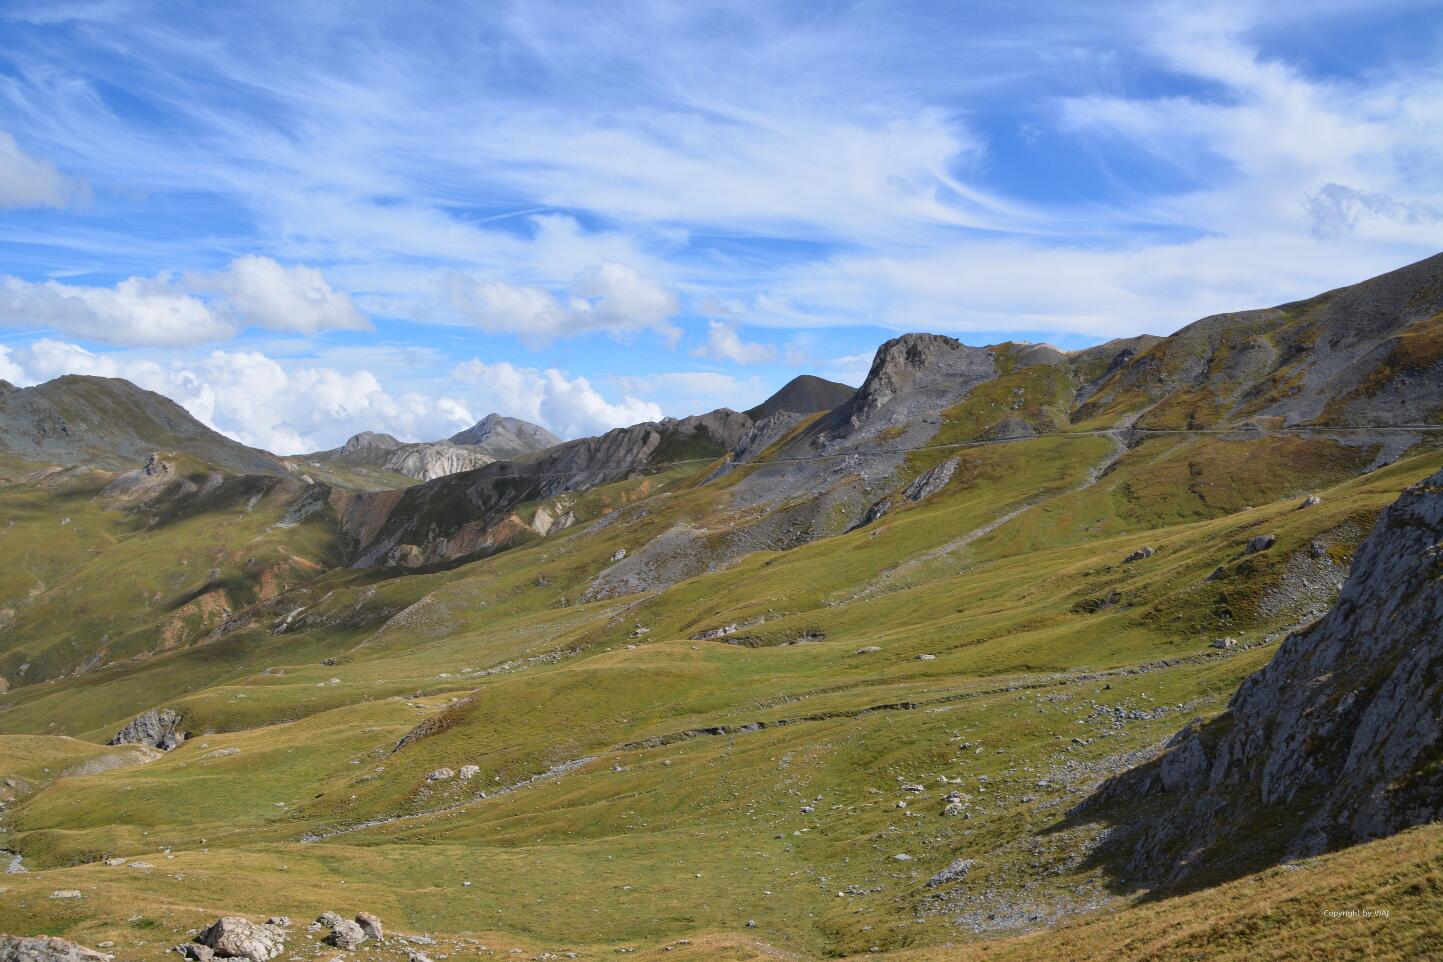 Entlang der Bergflanken um den weiten Talkessel.